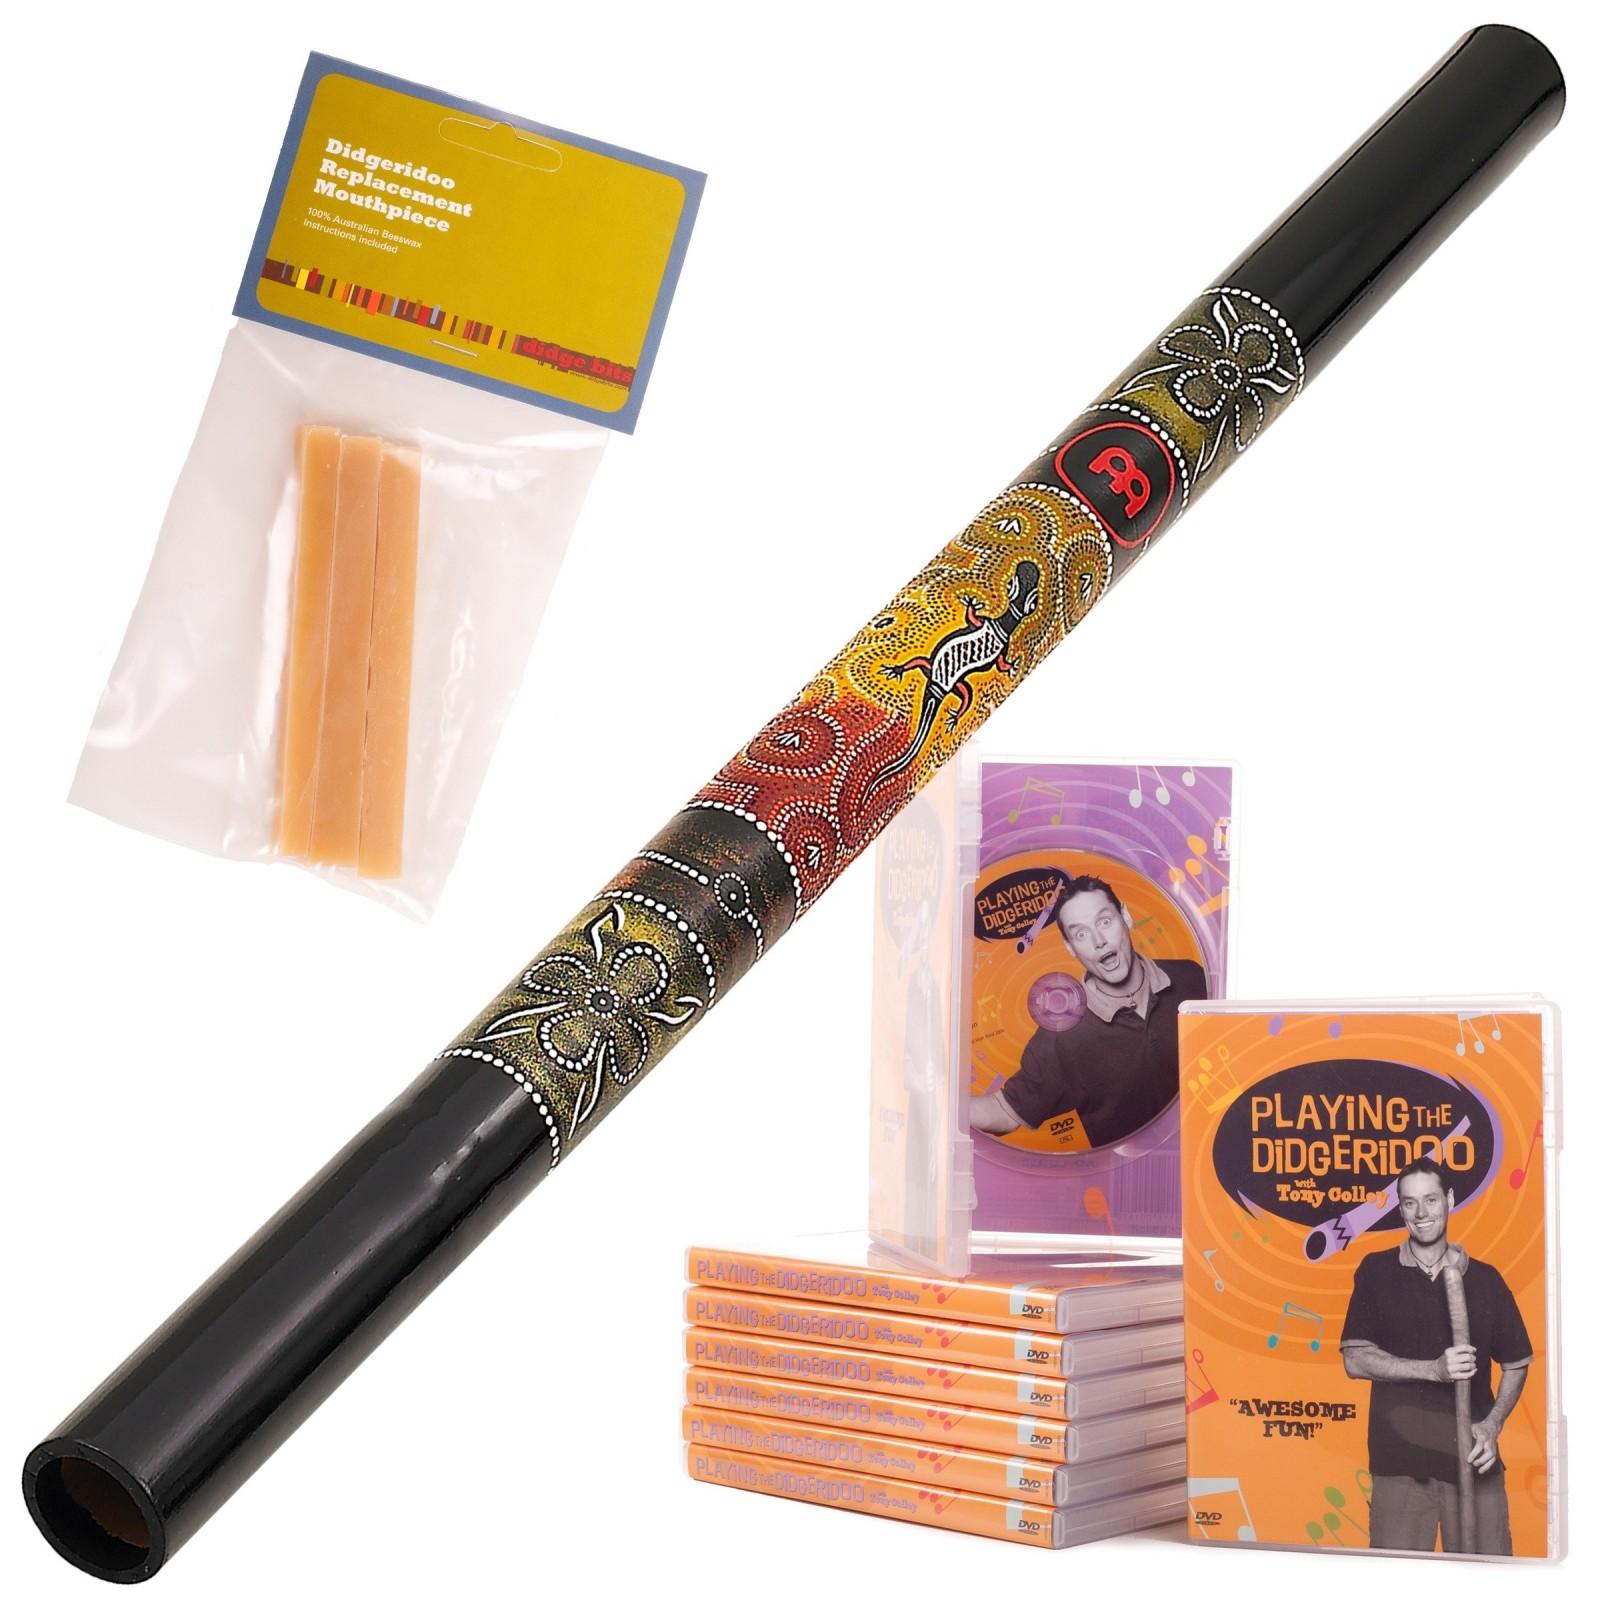 Starterspakket A  Didgeridoo DDG1-BK + DvD + Wax